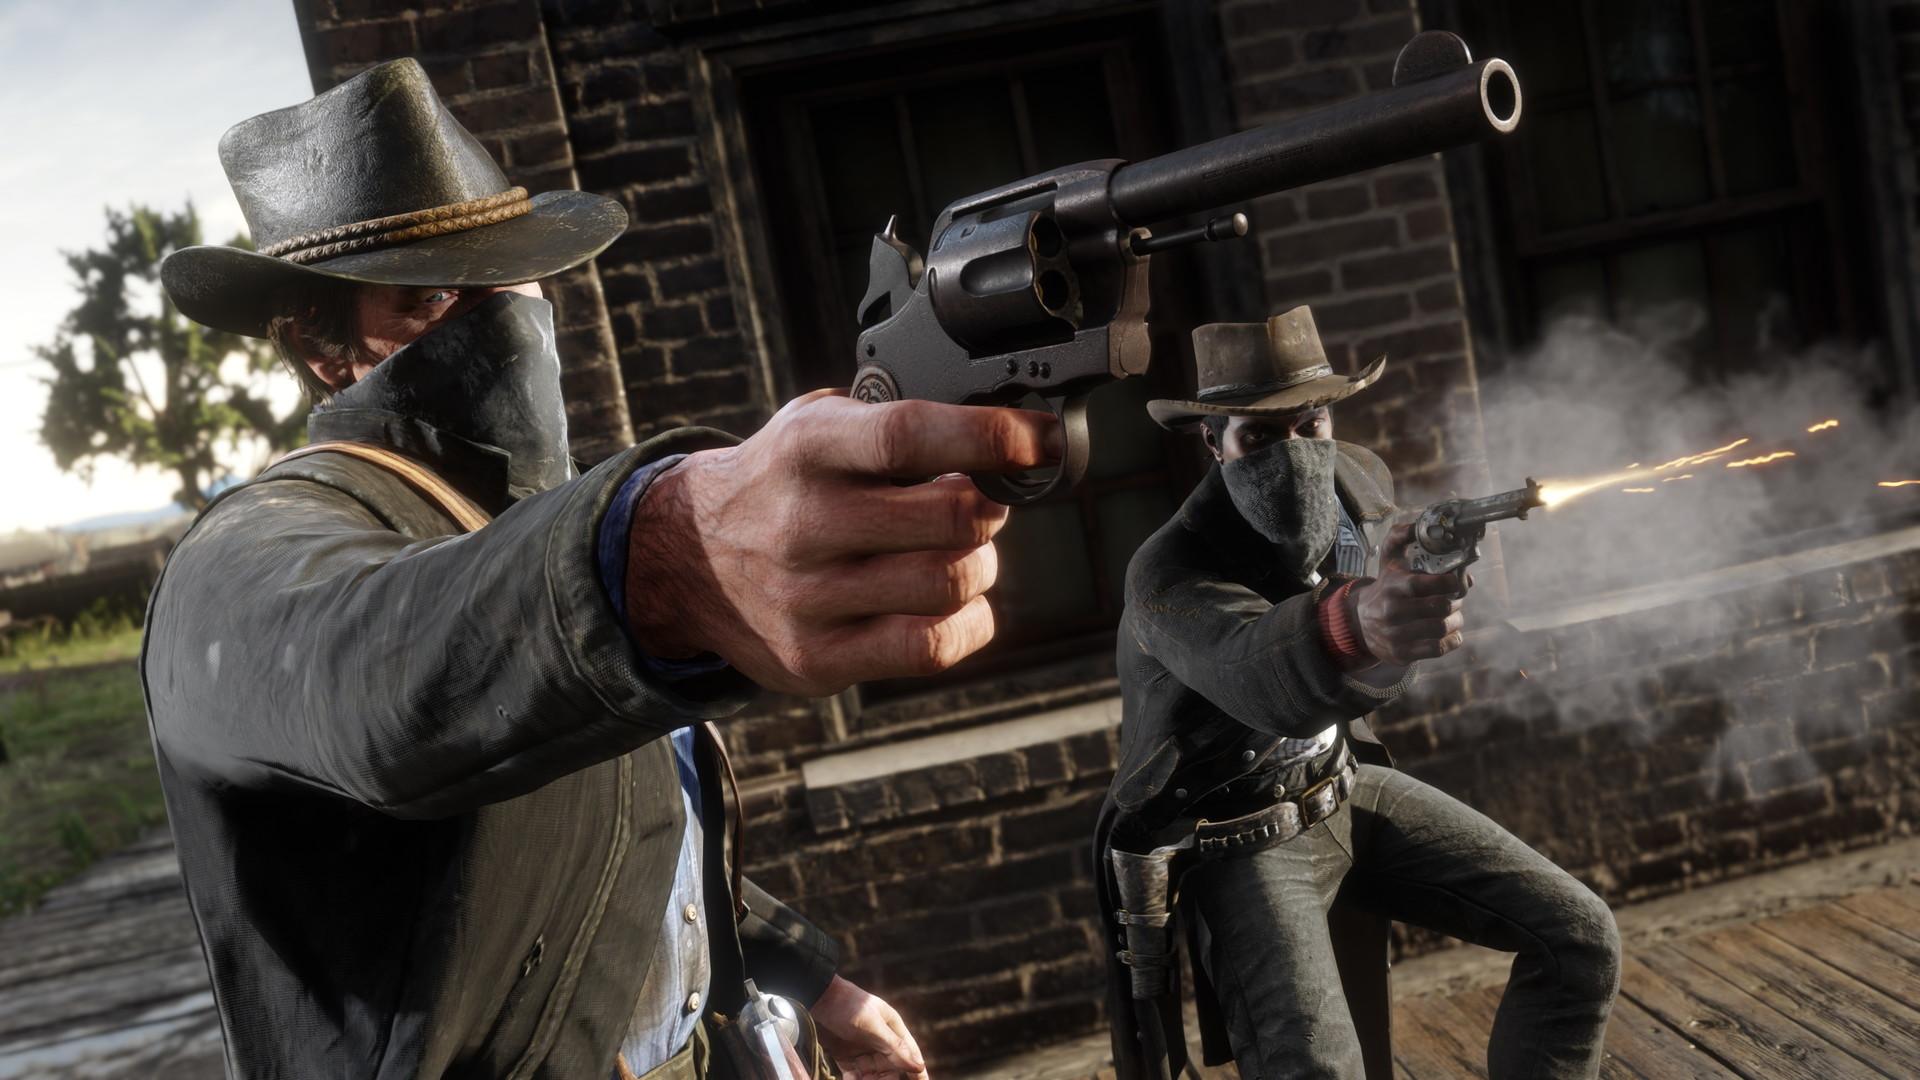 Link Tải Game Red Dead Redemption 2 Miễn Phí Thành Công